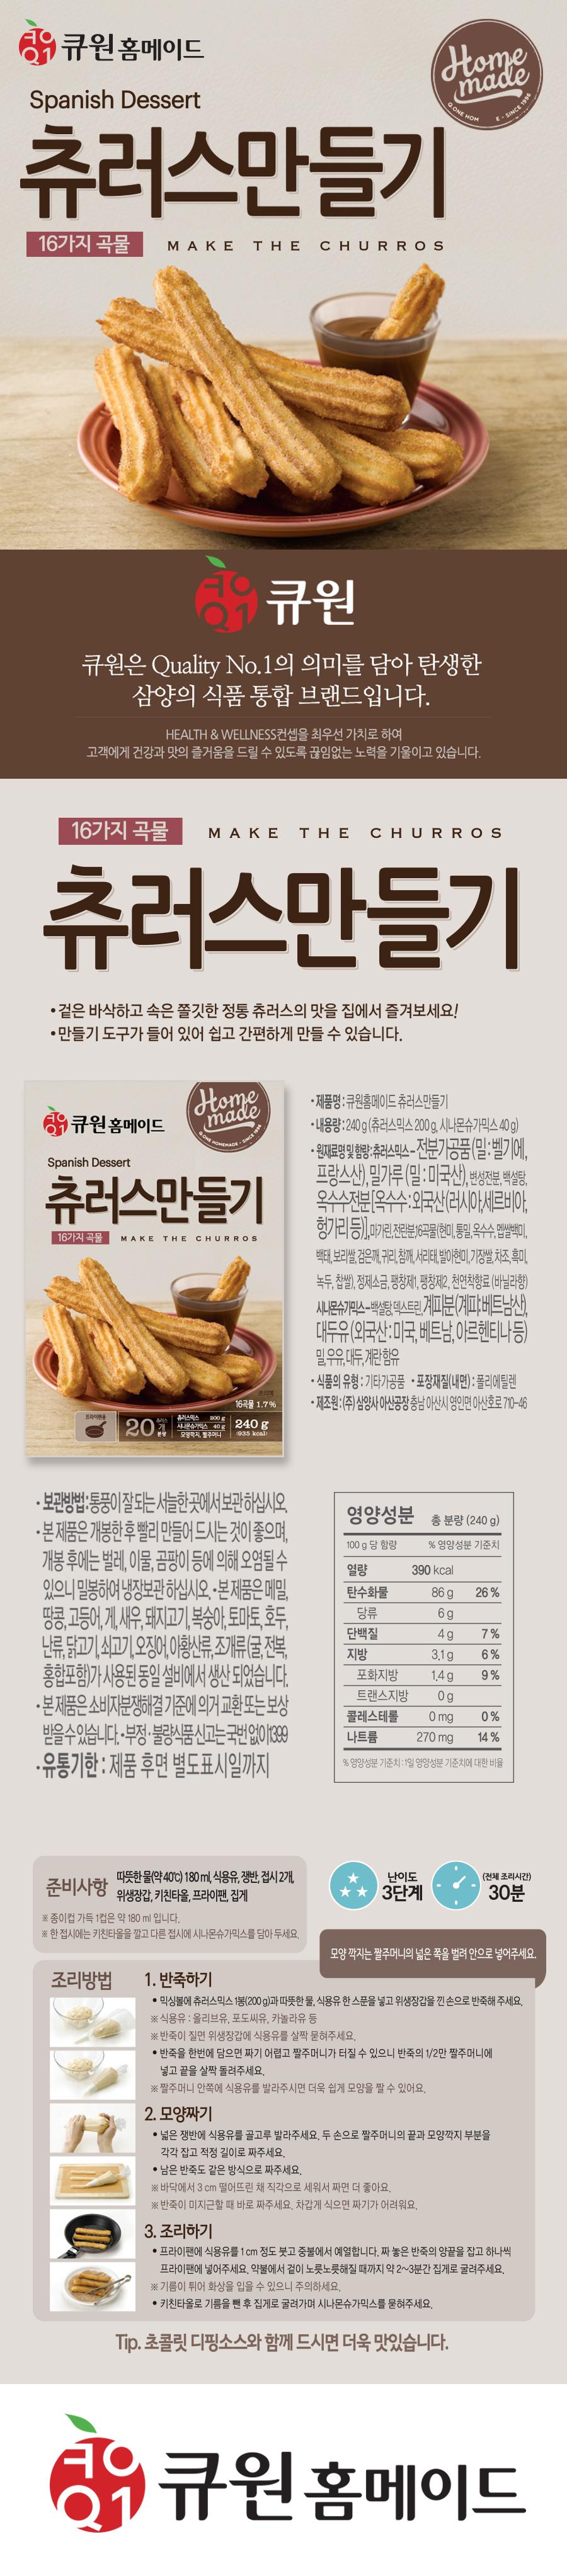 큐원 츄러스만들기 믹스 240g (프라이팬용) - 레드비, 5,200원, DIY 세트, 쿠키/케이크